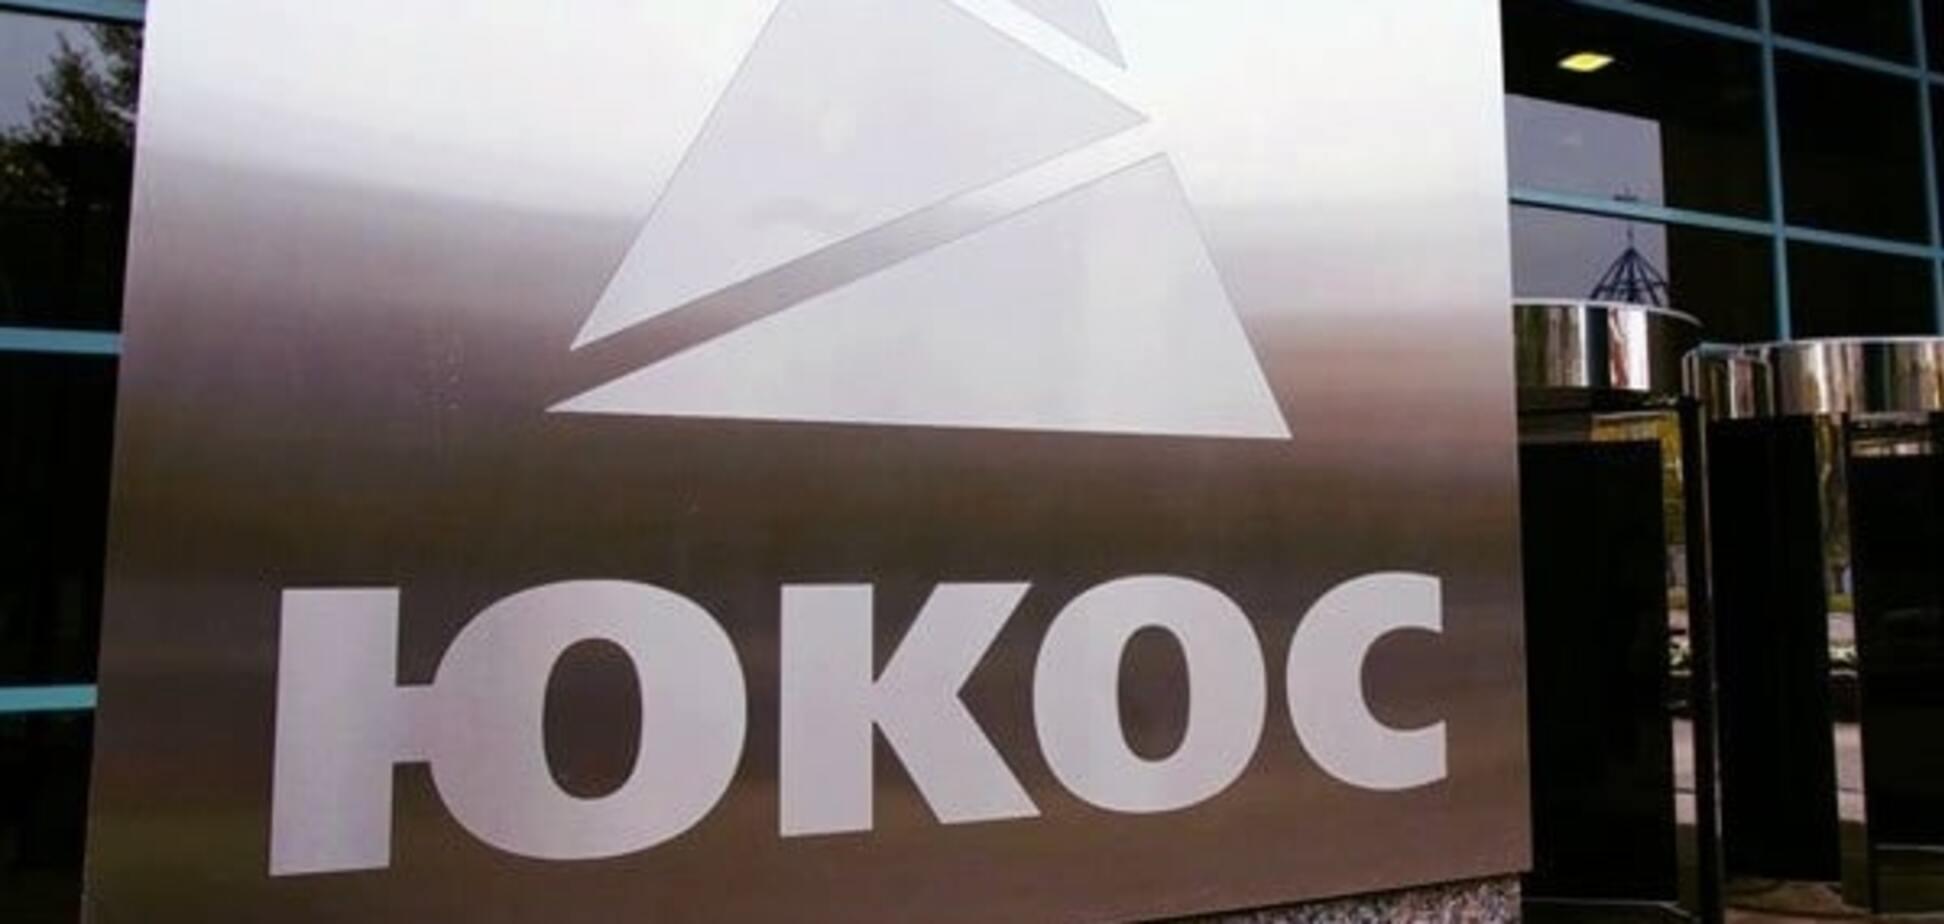 Оскарженню підлягає: суд може повернути акціонерам 'ЮКОСа' $50 млрд